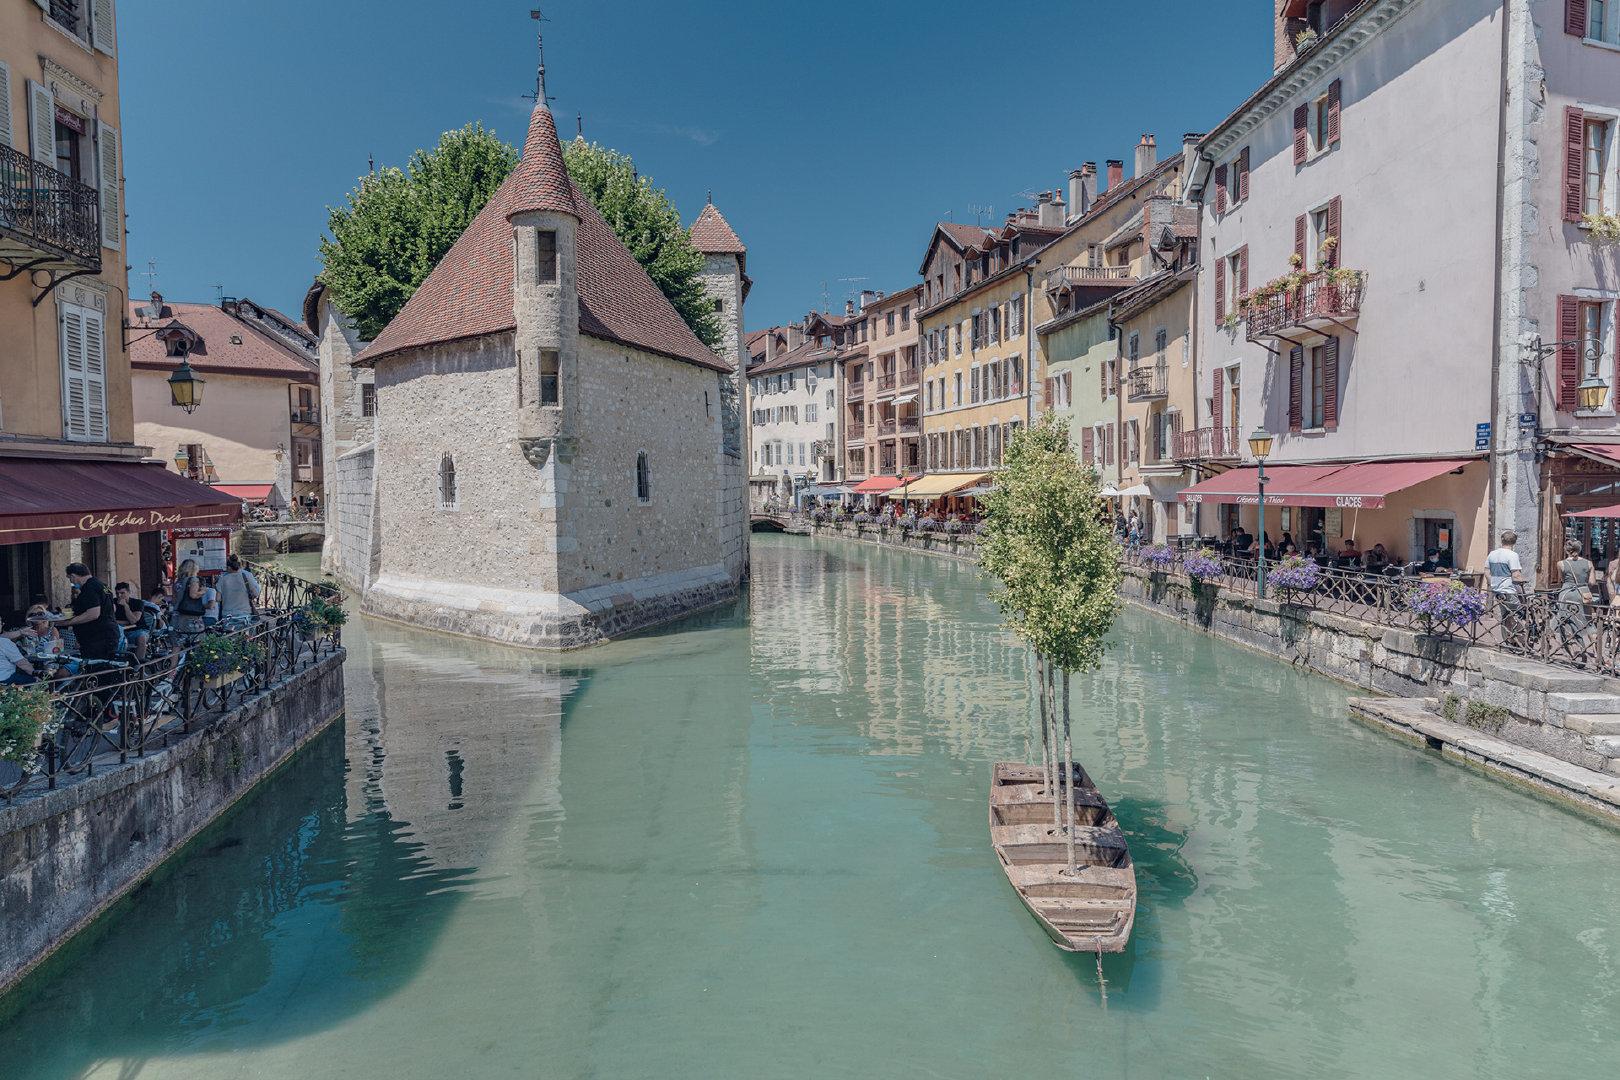 距离日内瓦不到40公里法国南部小镇安纳西